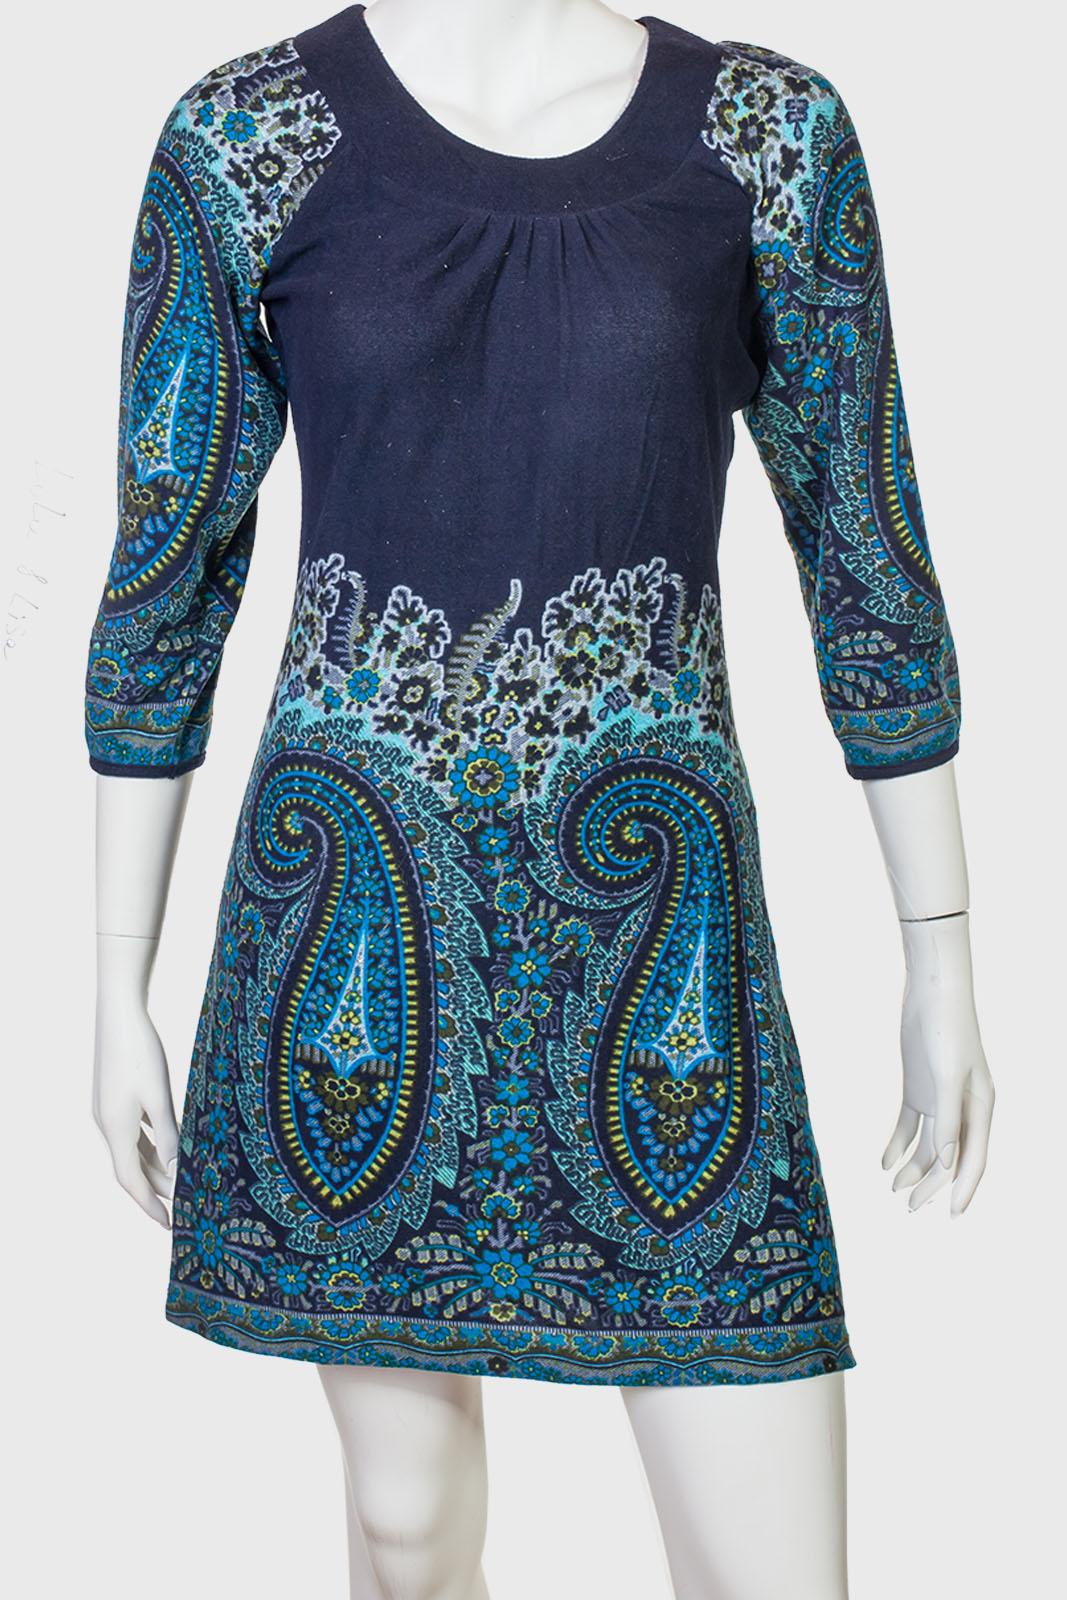 Стильное приталенное платье от бренда Lola & Lisa